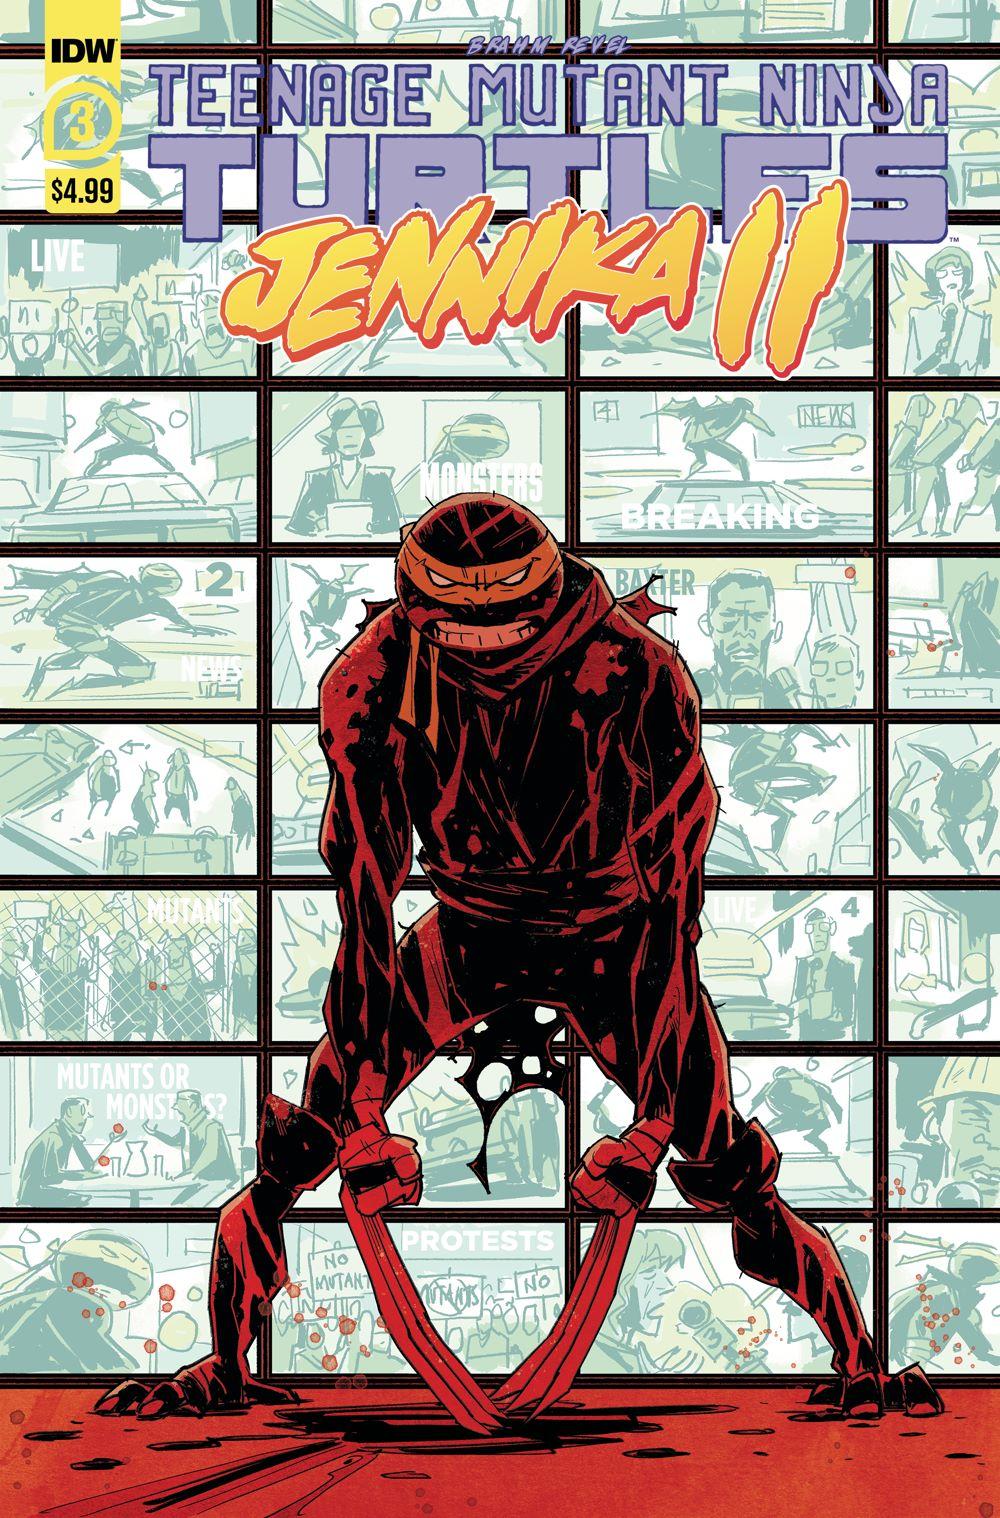 TMNT-JennikaII_03_cvrA ComicList: IDW Publishing New Releases for 01/20/2021